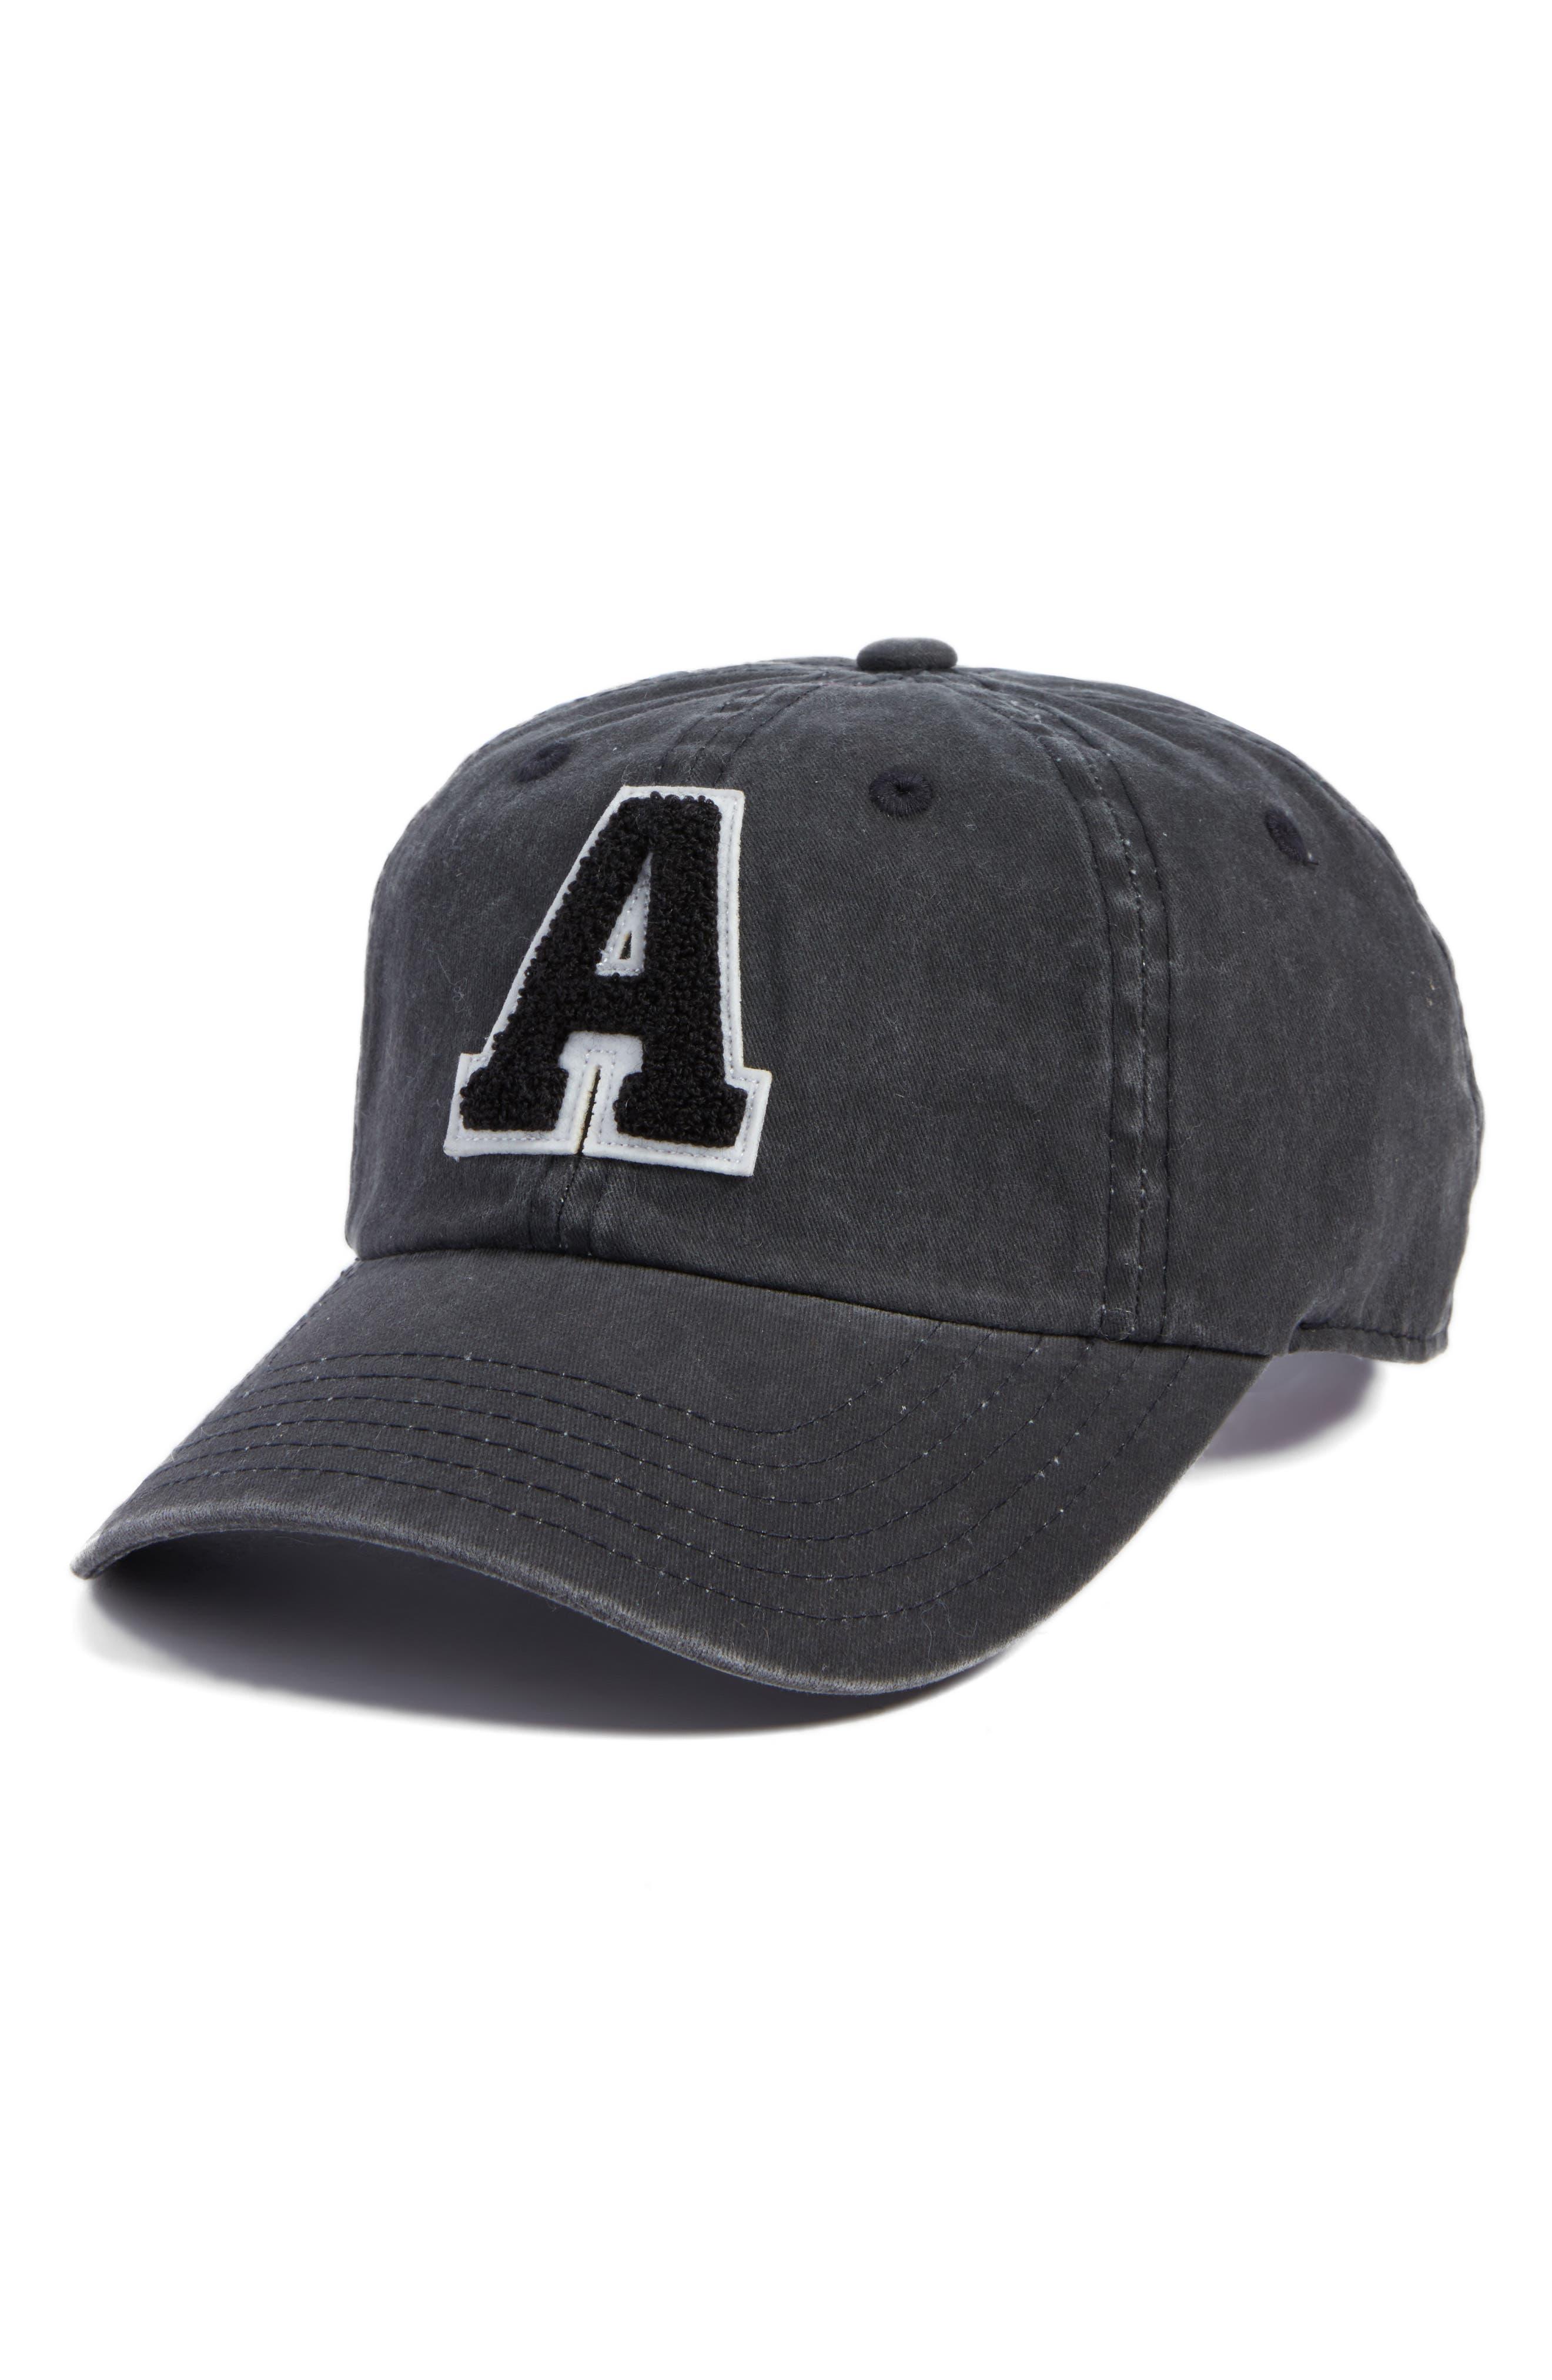 Alternate Image 1 Selected - American Needle Initial Baseball Cap